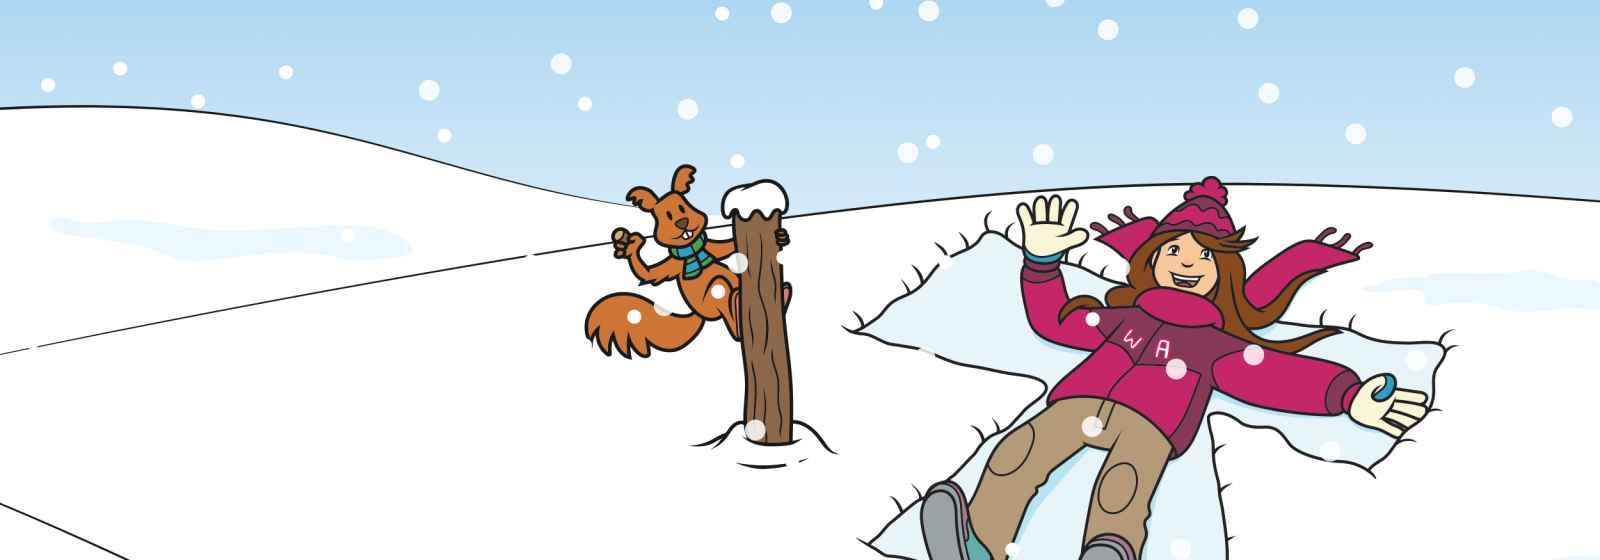 LO&WA Winter Iglu